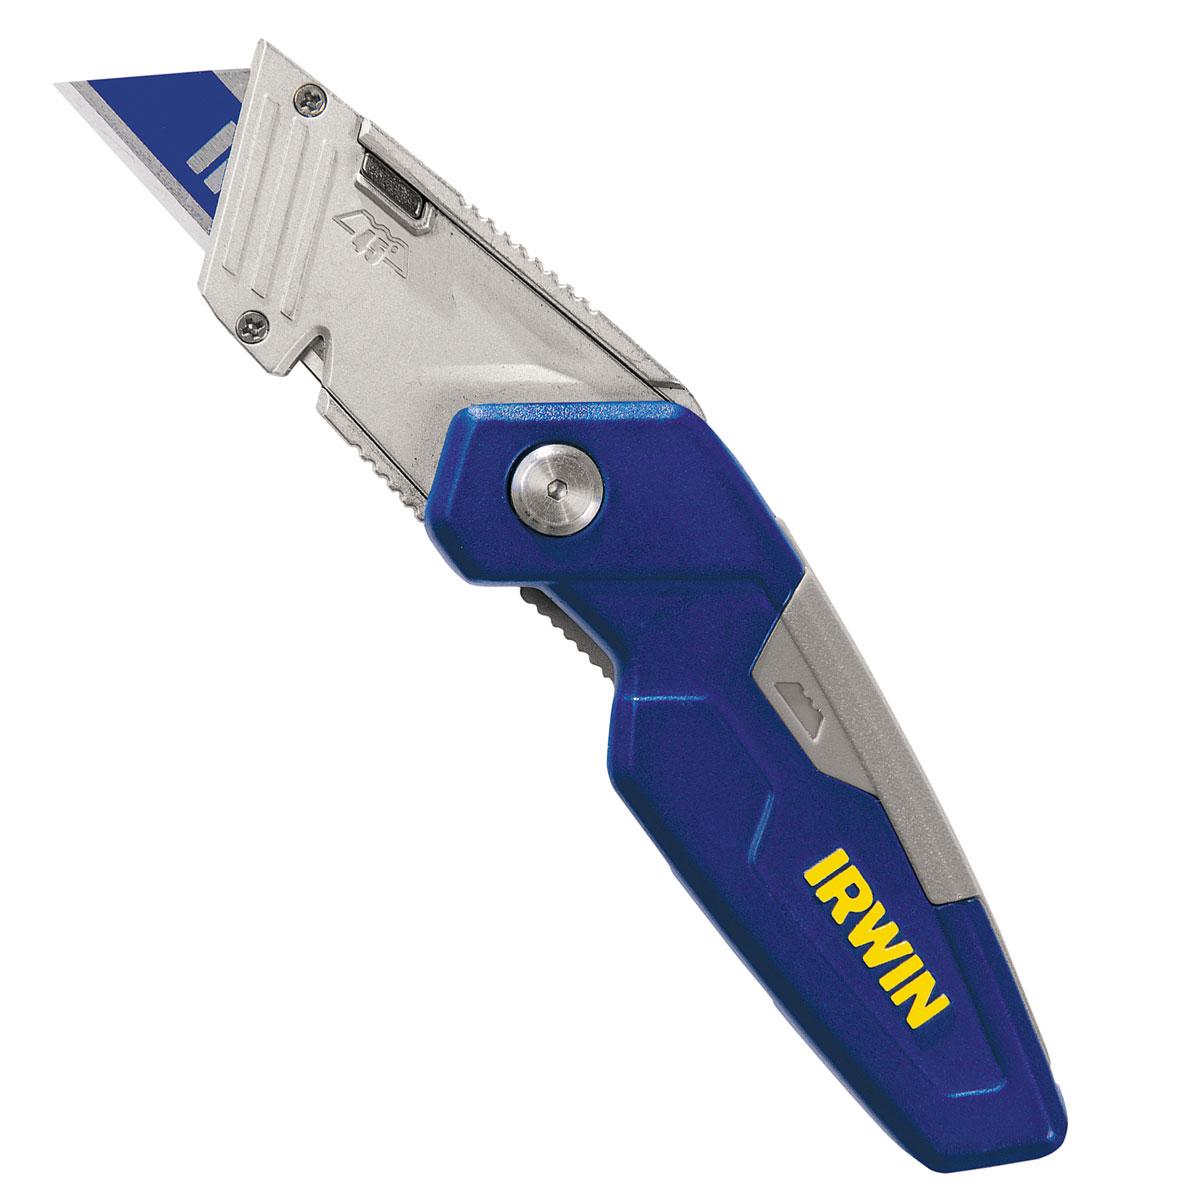 Нож складной Irwin FK150 с выдвижным трапециевидным лезвием1888438Складной нож Irwin FK150 используется для резки различных материалов при выполнении ремонтных, отделочных или строительных работ. Складная конструкция позволяет полностью убирать лезвие, что повышает уровень безопасности при хранении и ношении ножа.